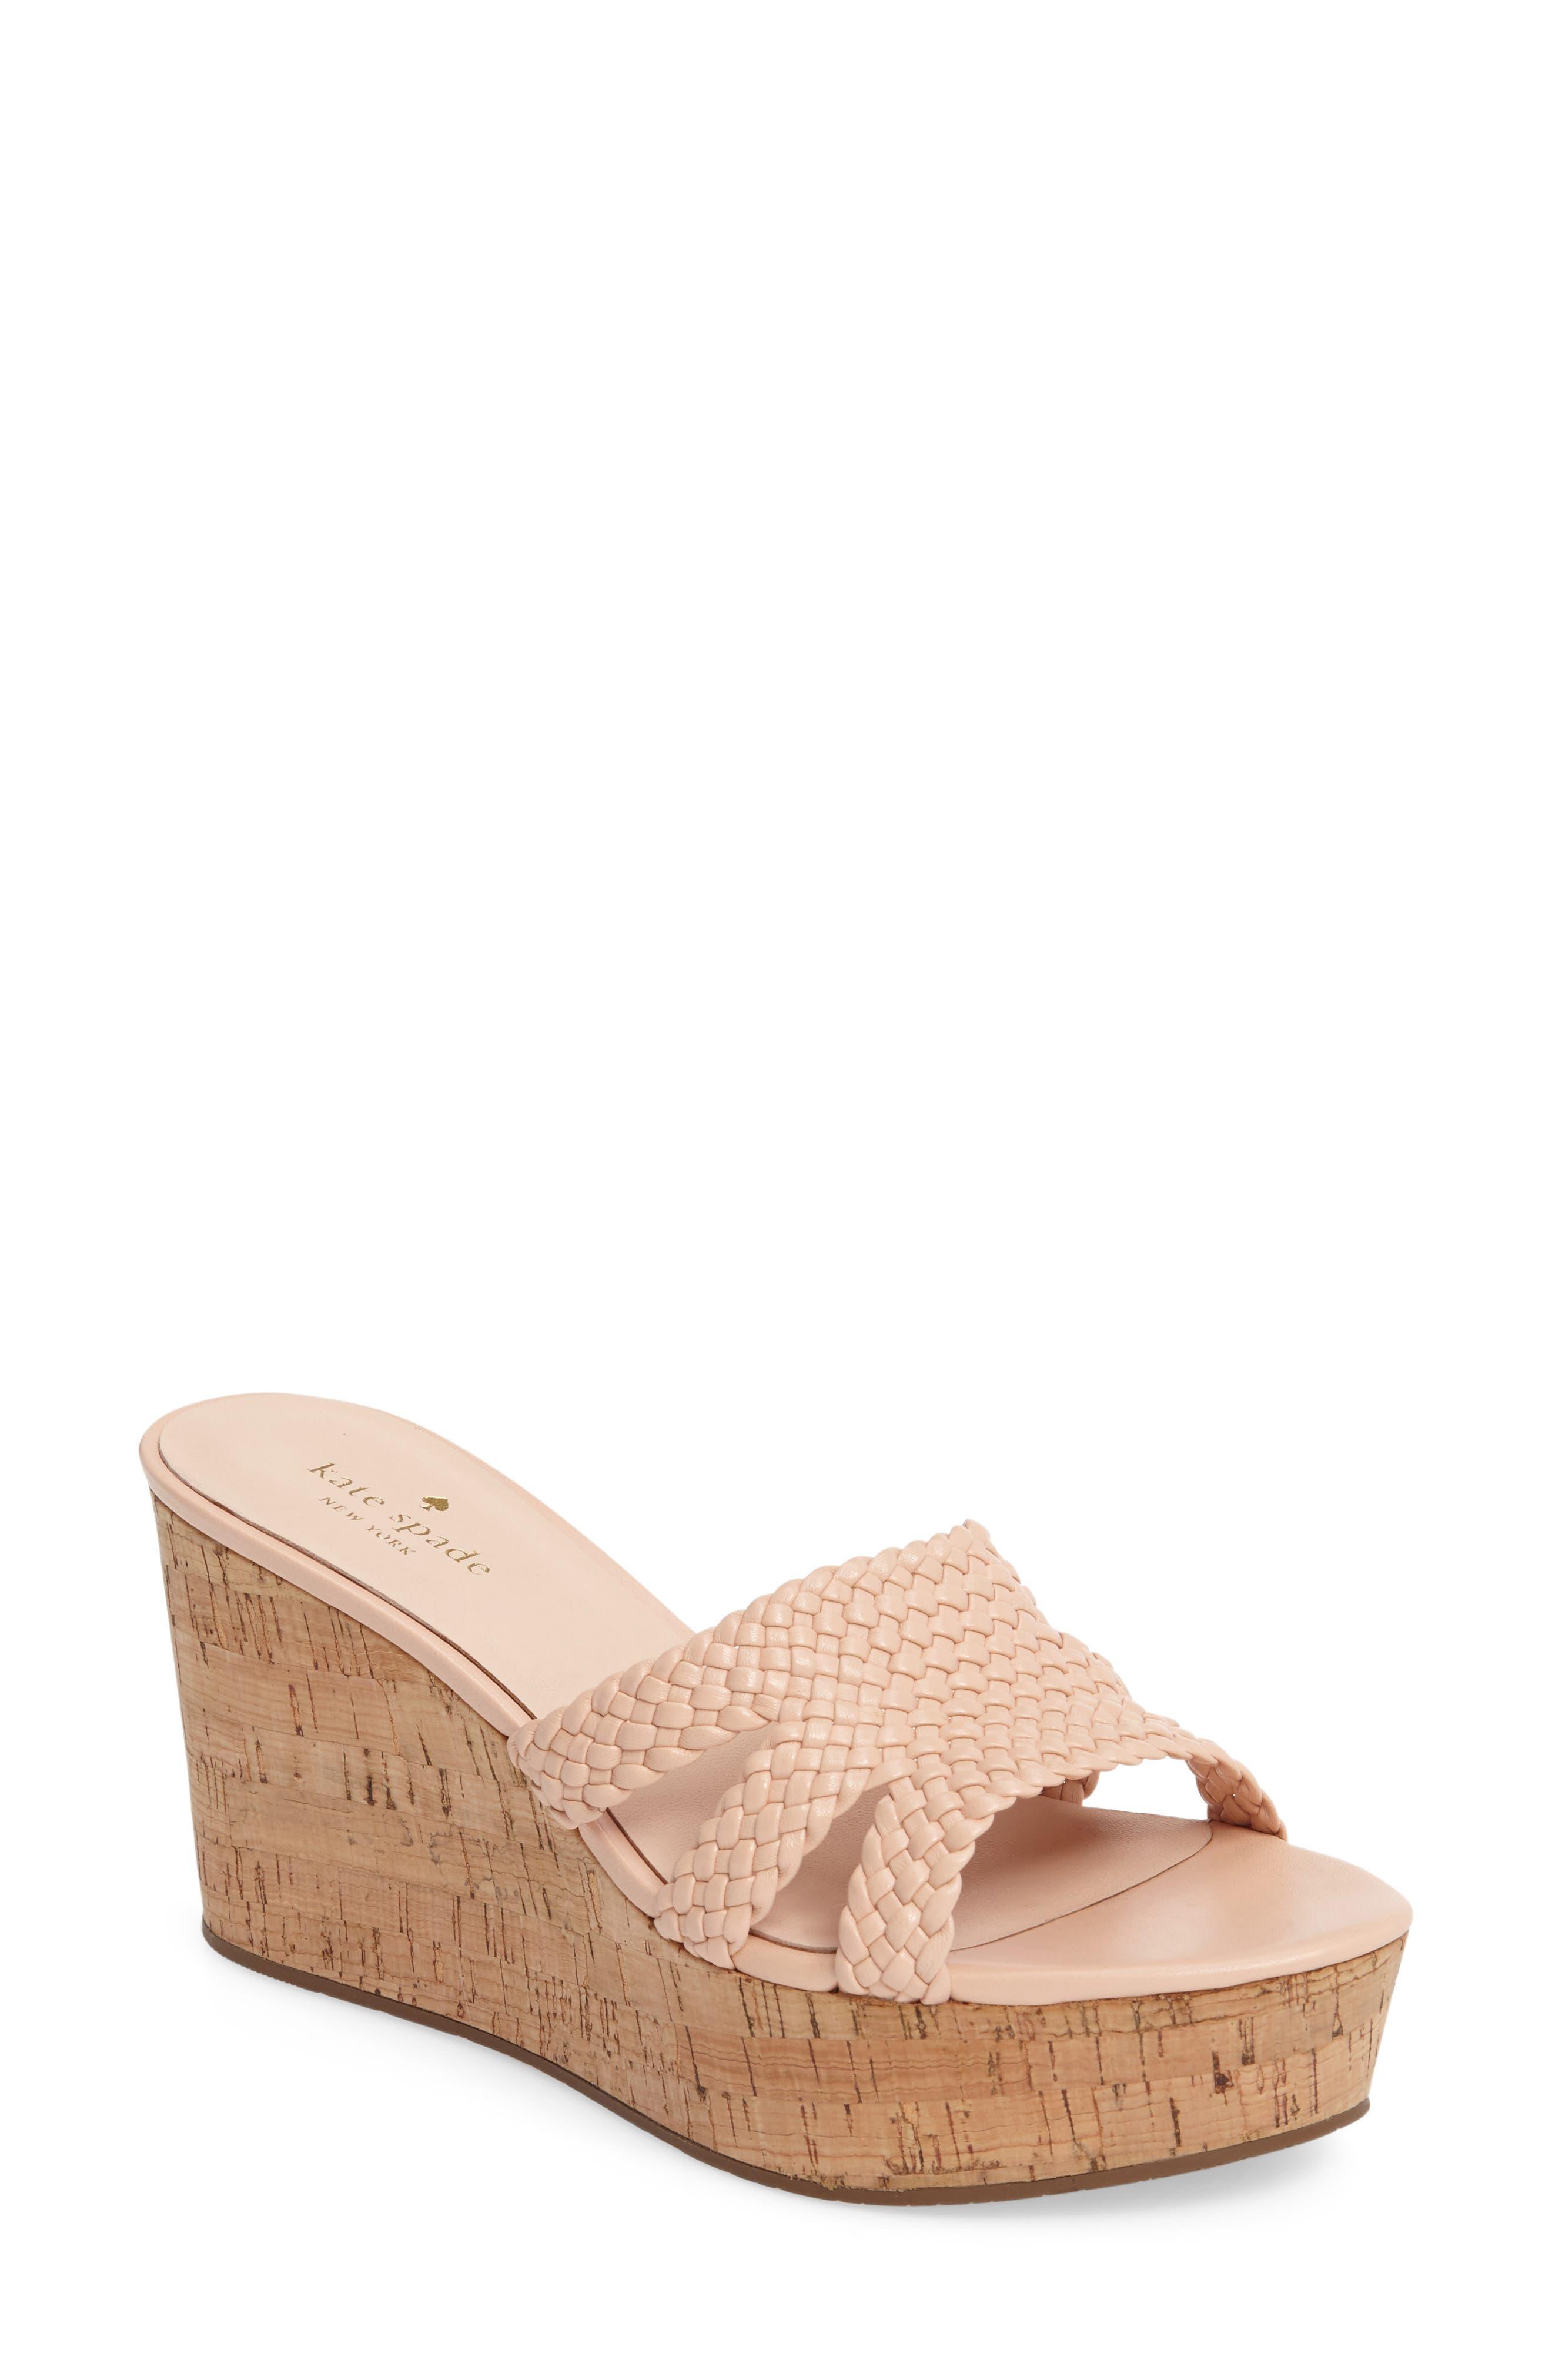 kate spade new york tarvela wedge sandal (Women)